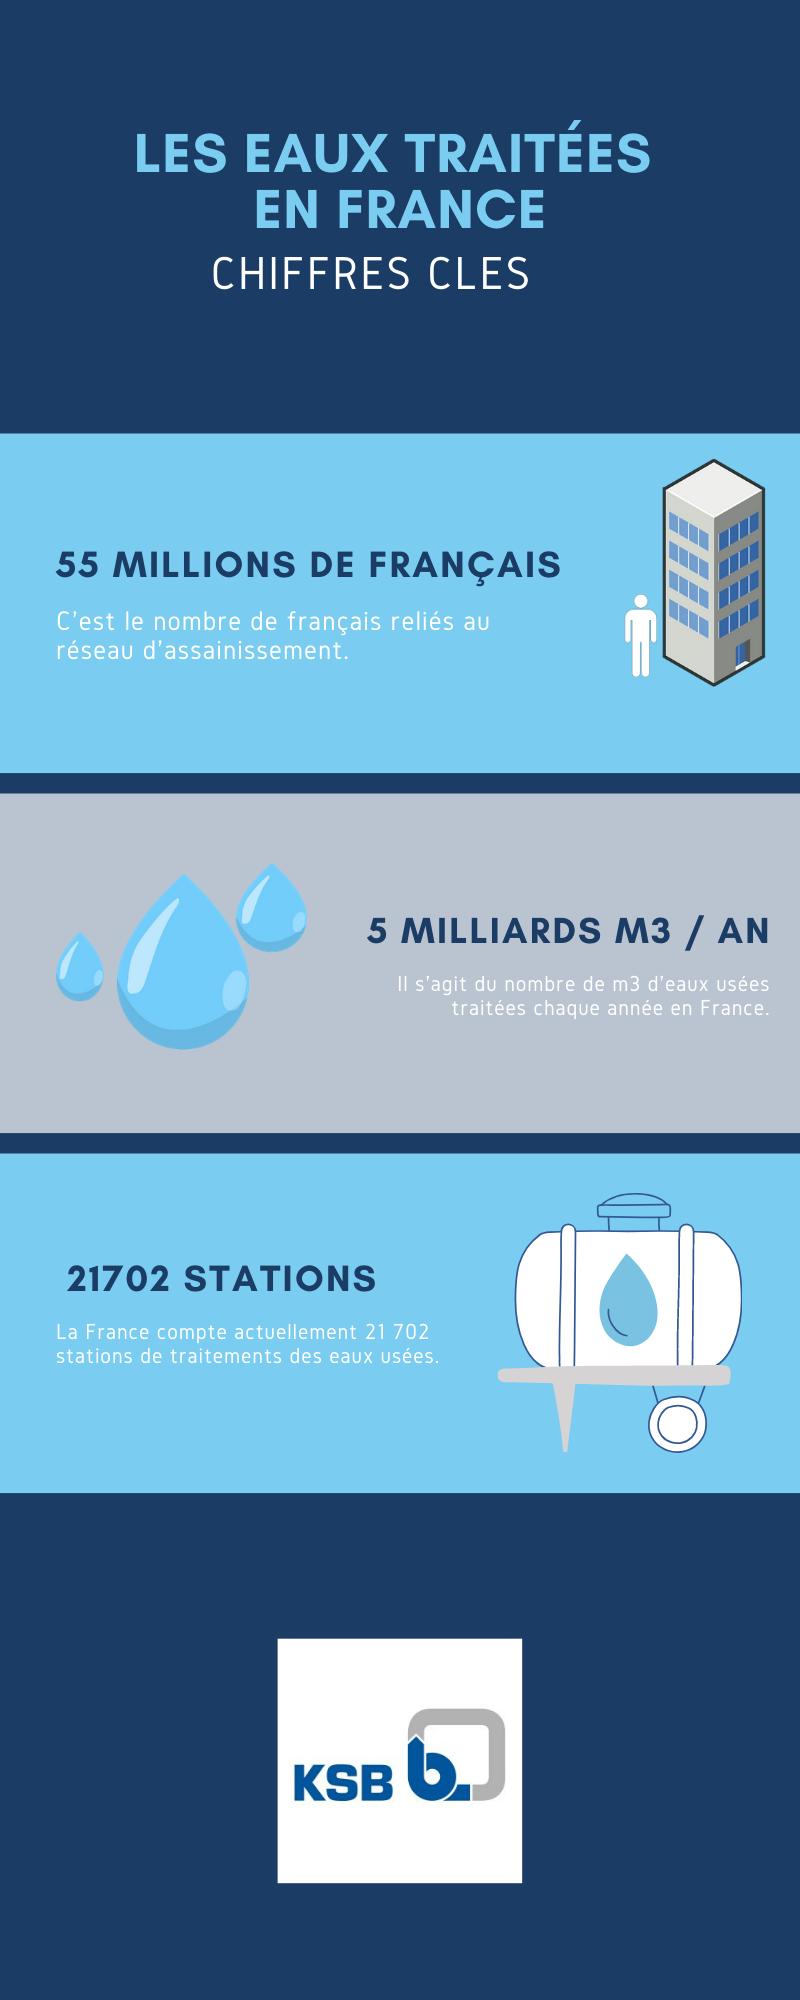 Les eaux traitées en France